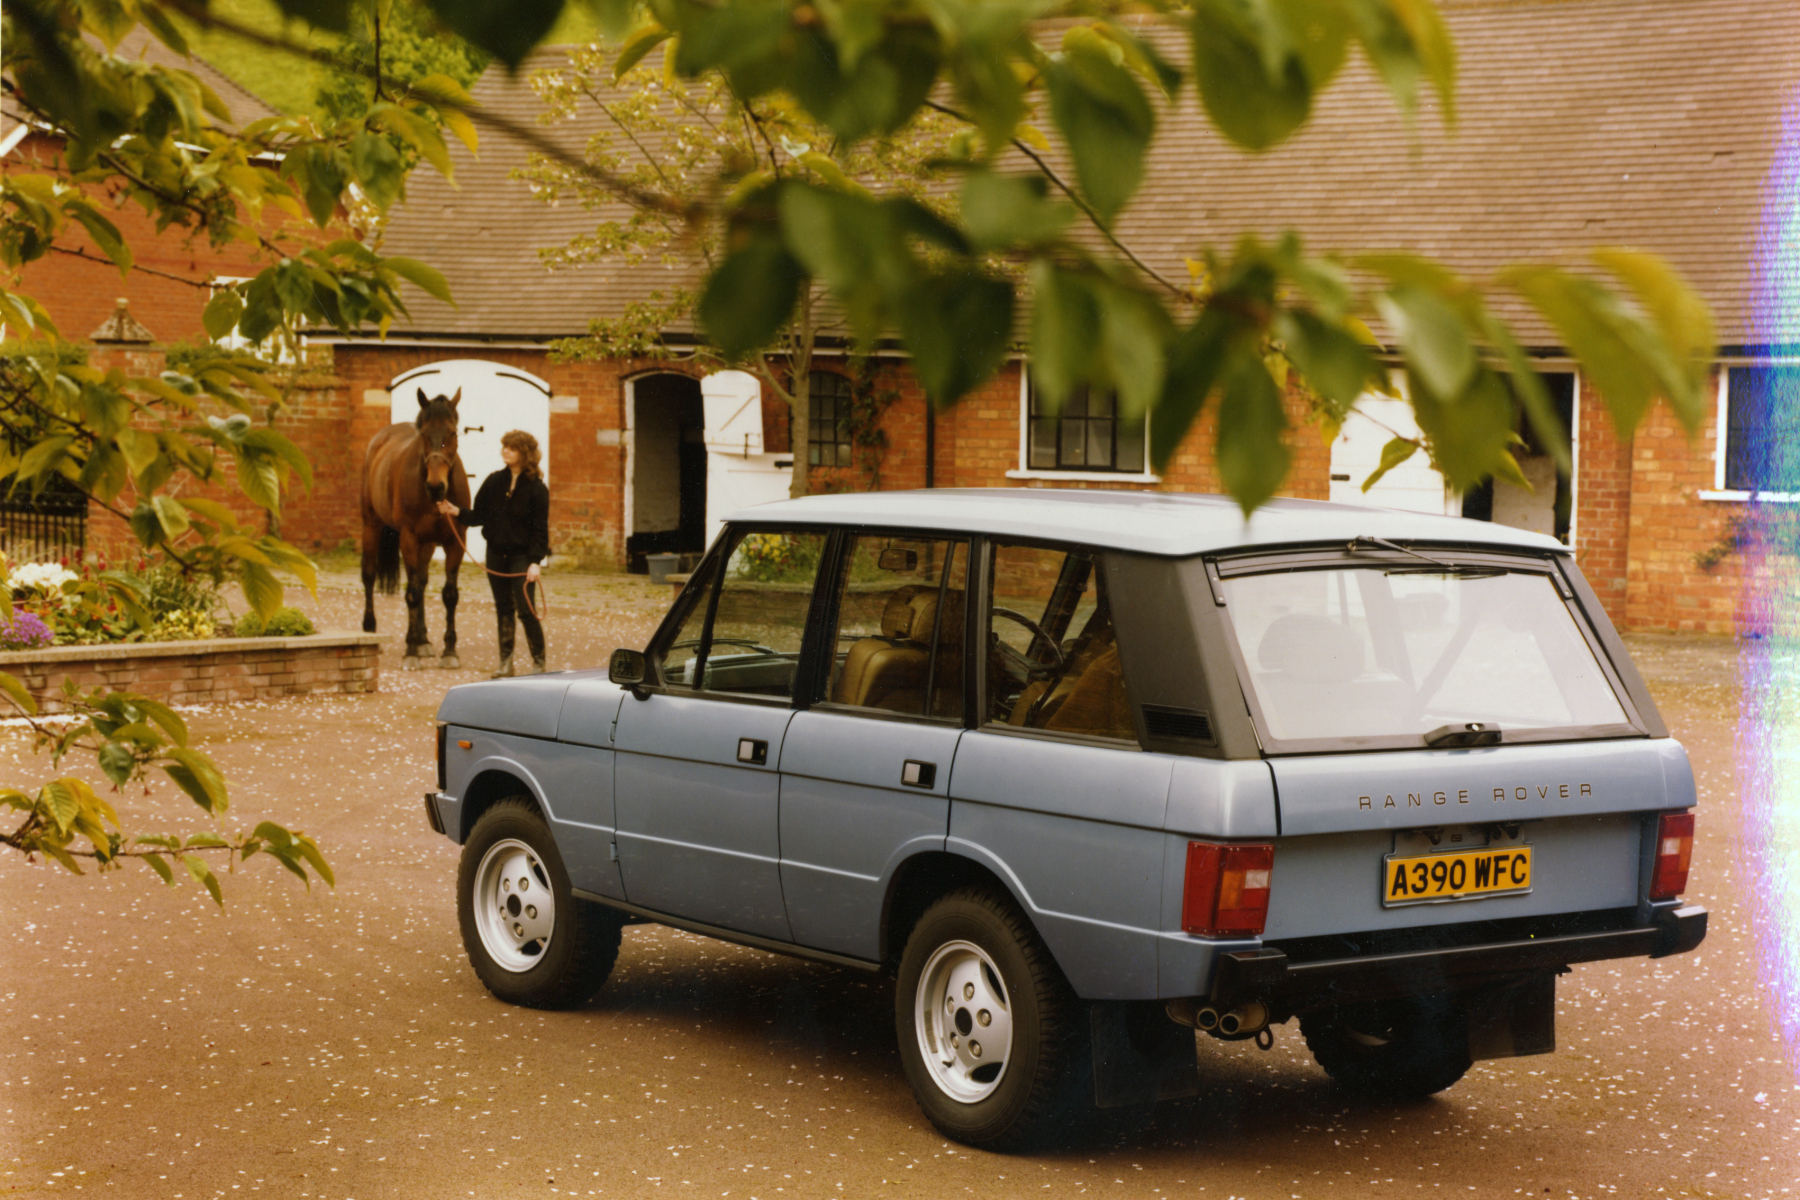 The four-door Range Rover